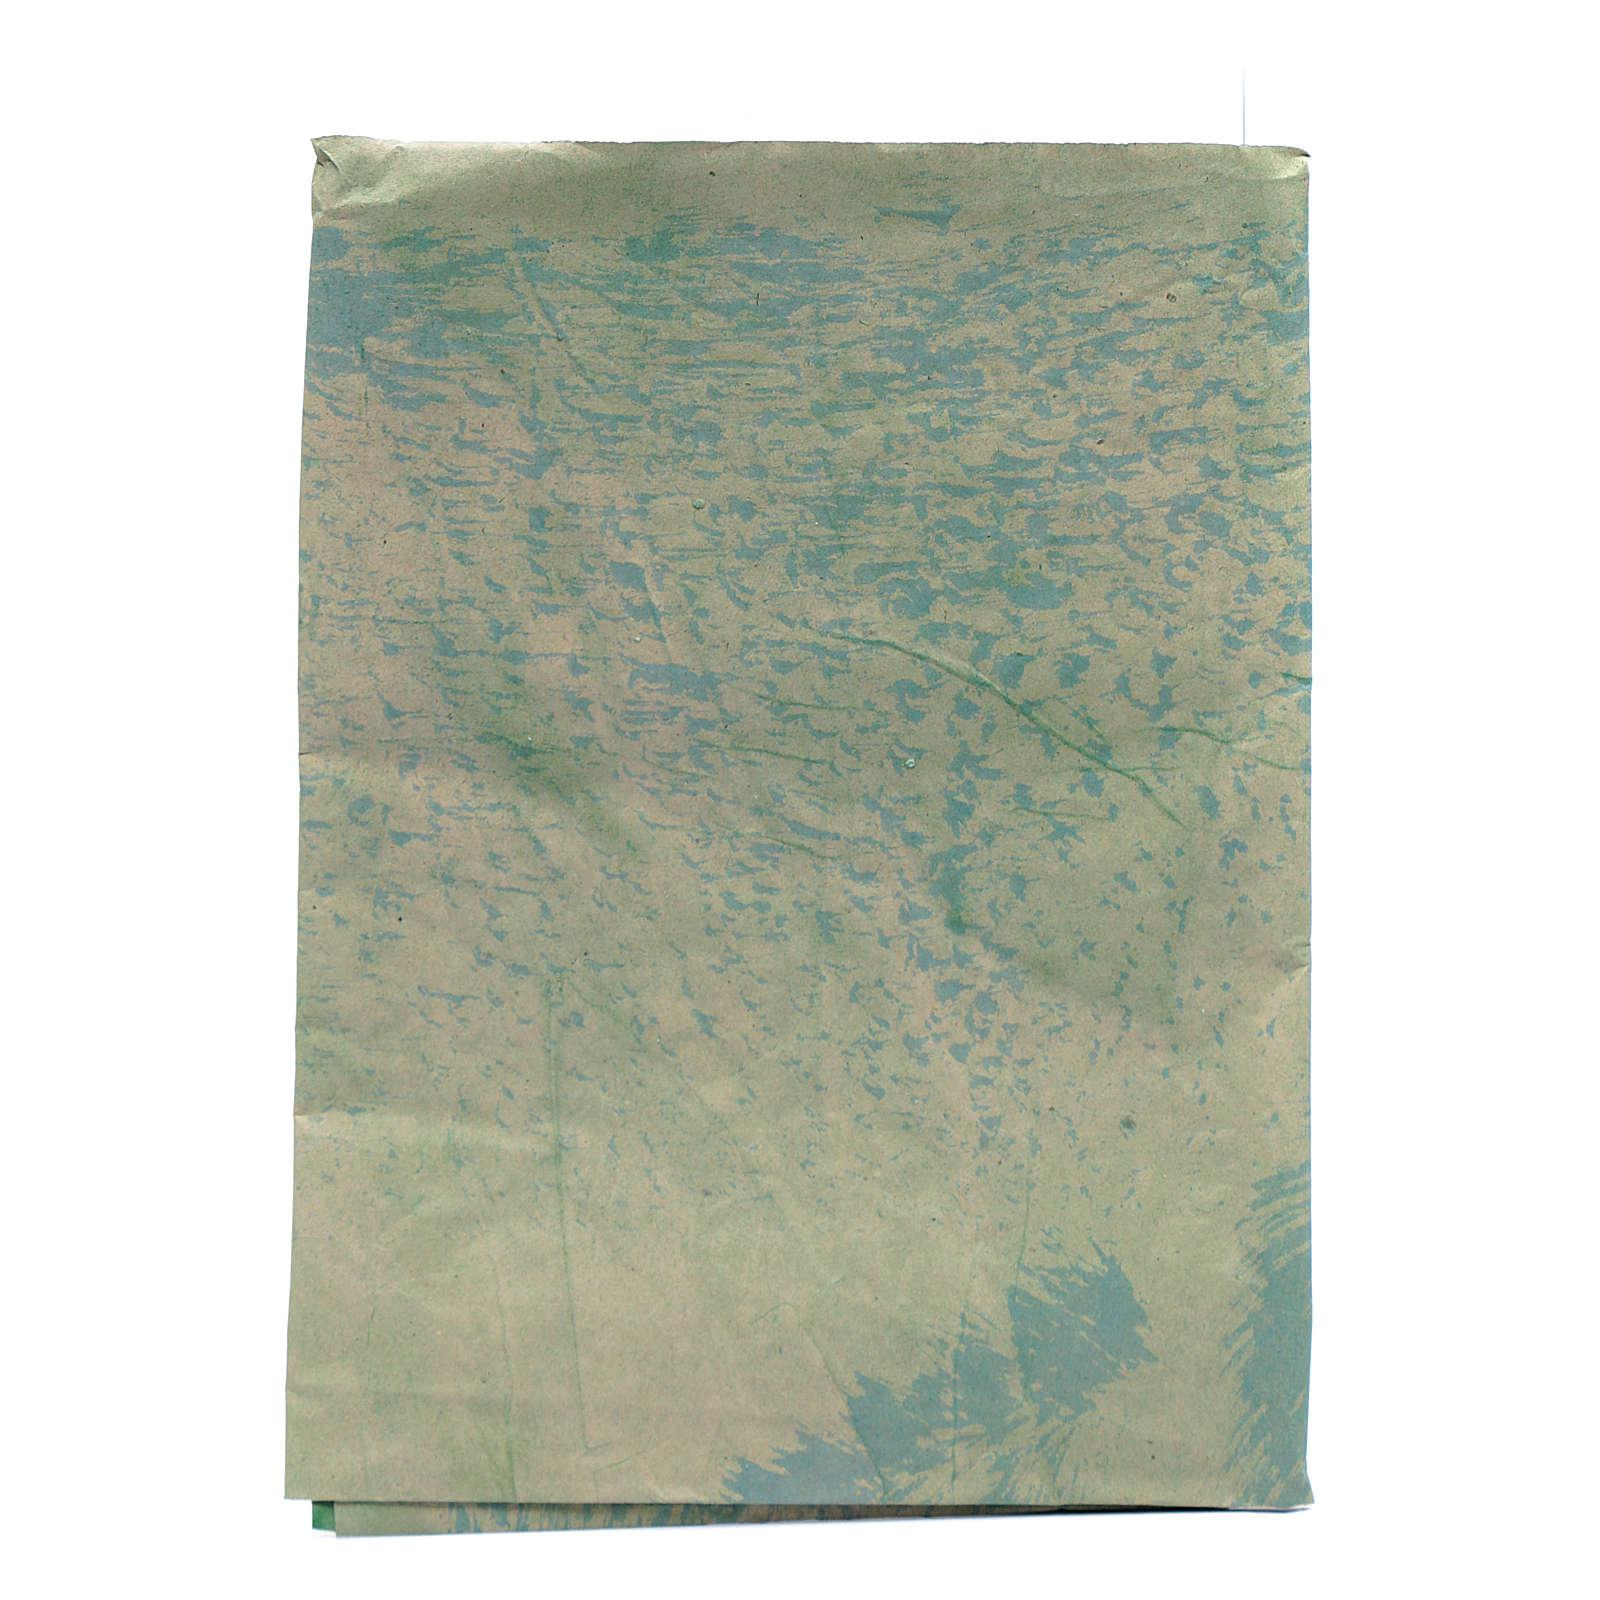 Arkusz papieru 70x100 cm skały ręcznie malowany do szopek 4